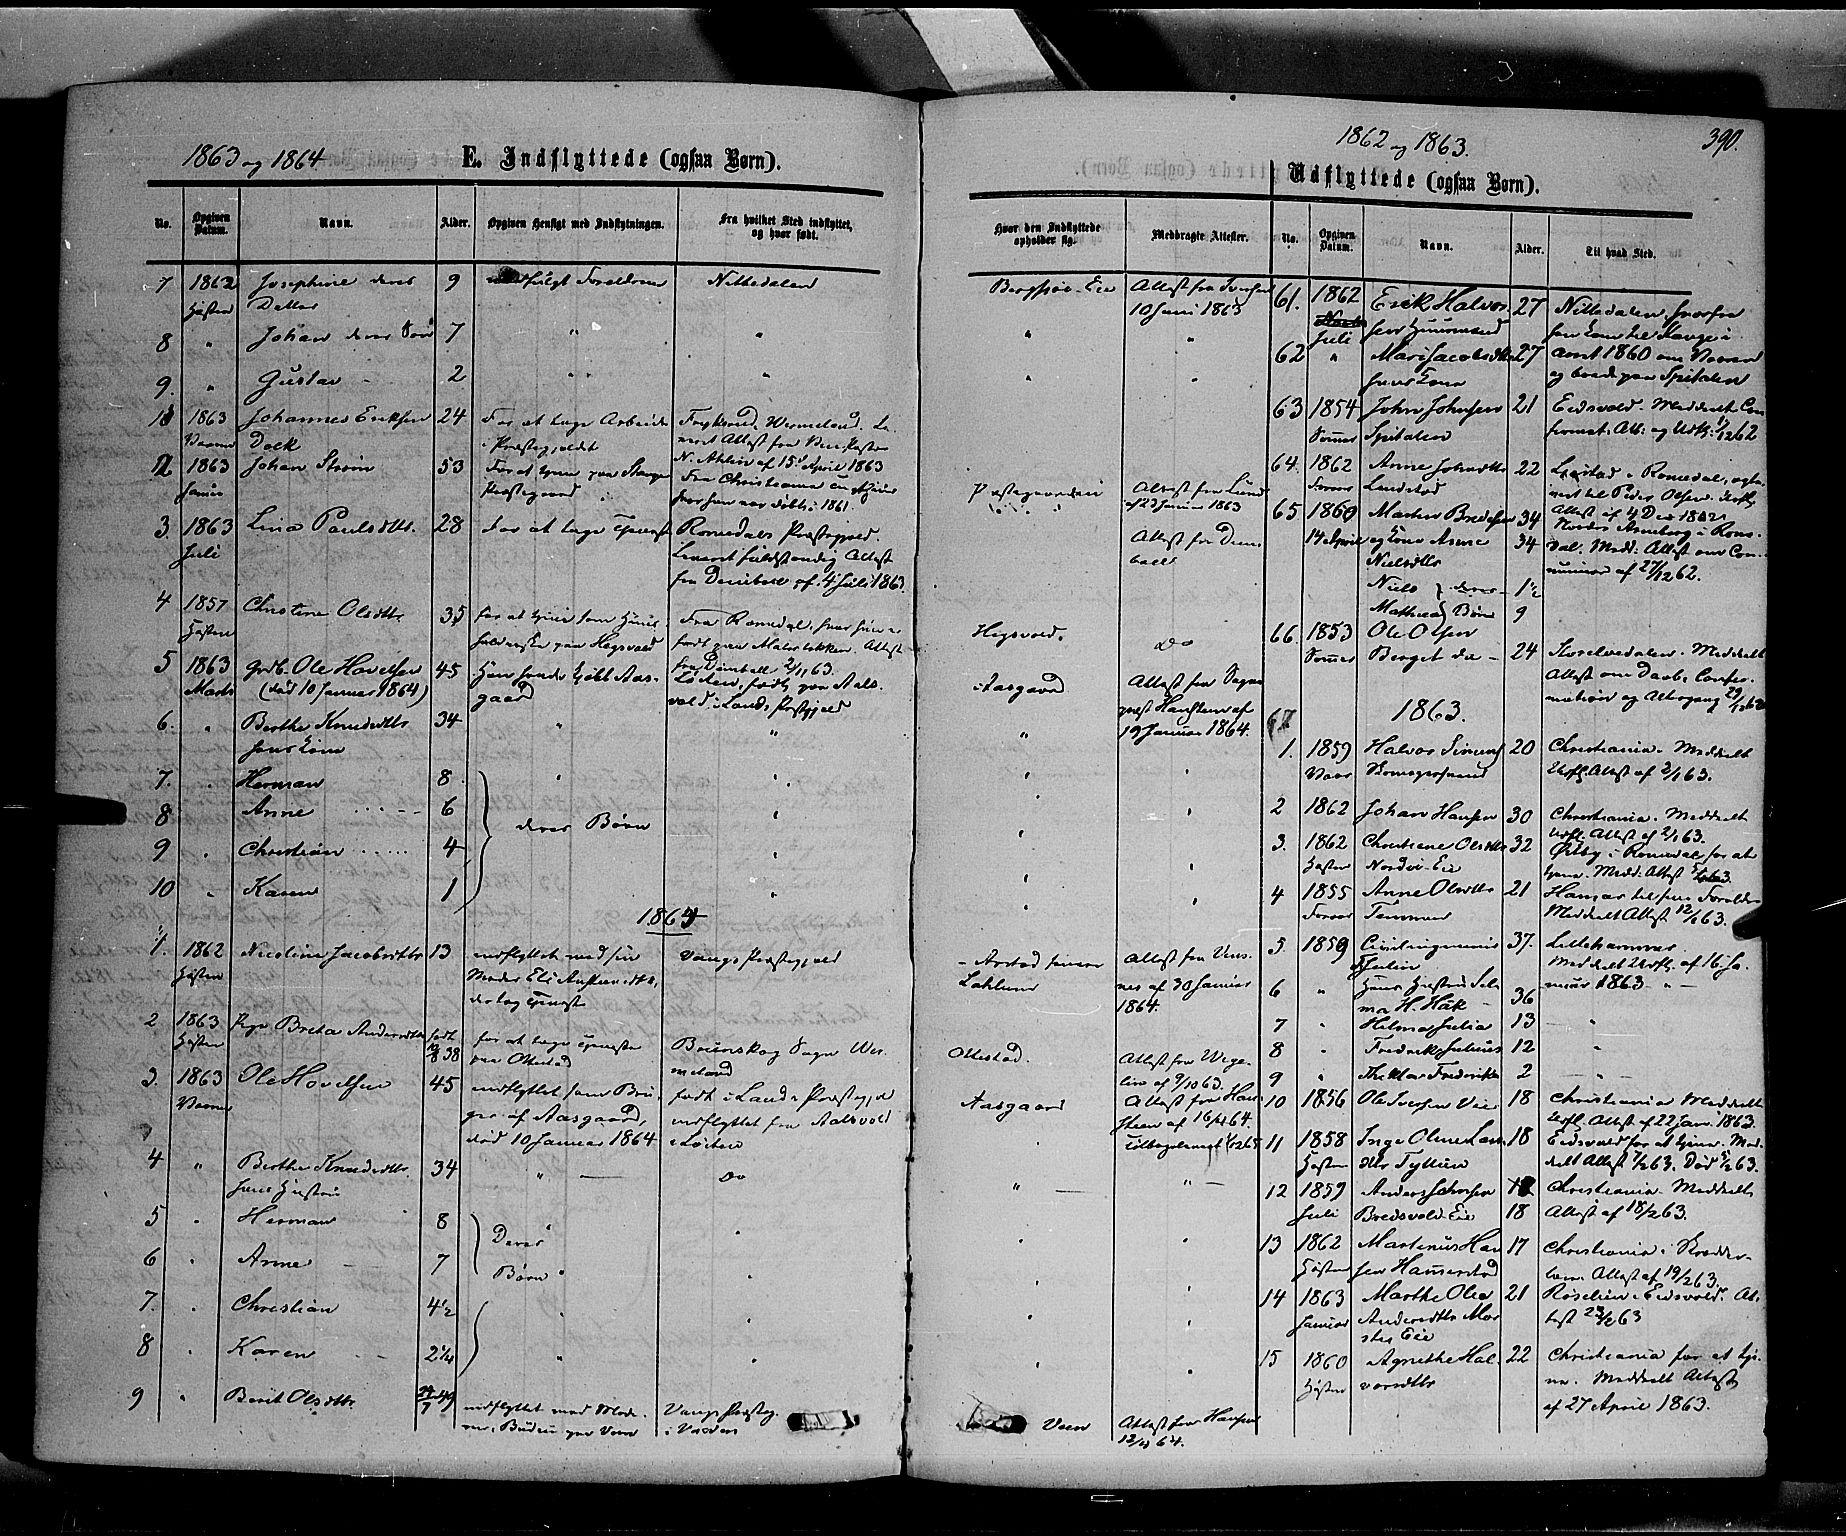 SAH, Stange prestekontor, K/L0013: Parish register (official) no. 13, 1862-1879, p. 390